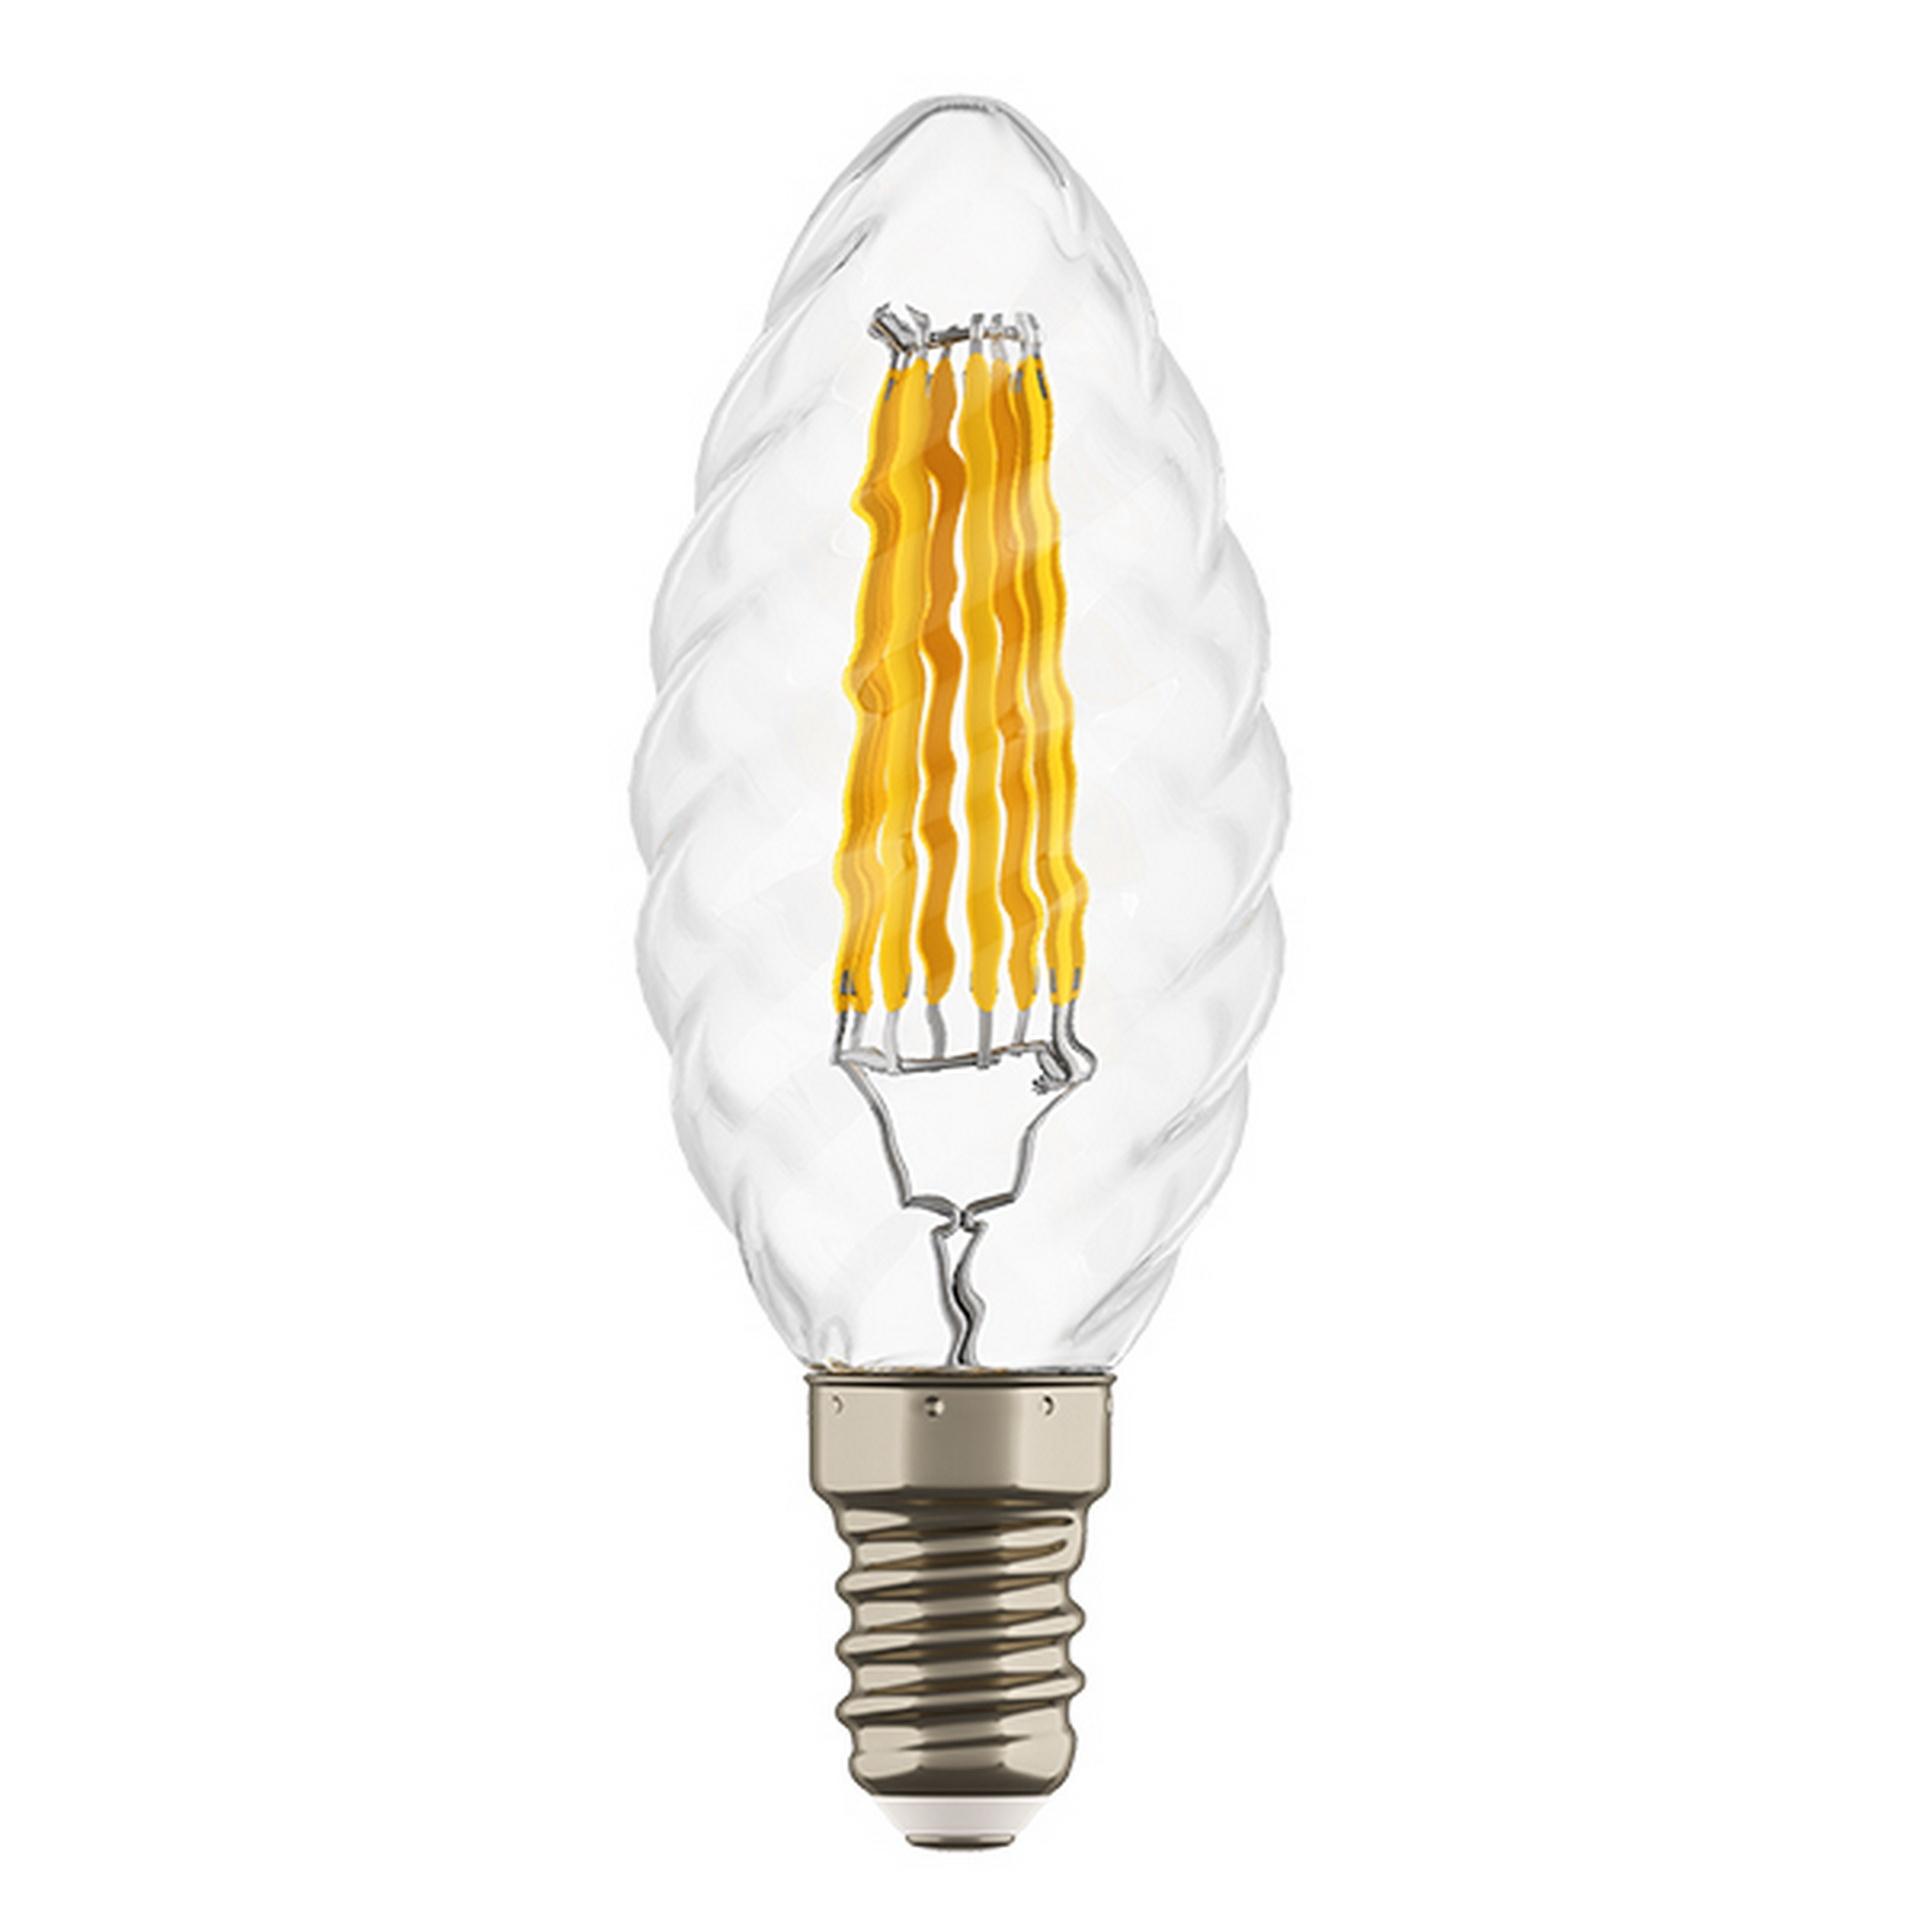 Светодиодная LED лампа FILAMENT 220V, E14, 6W - 3000K, Lightstar 933702, купить в СПб, Москве, с доставкой, Санкт-Петербург, интернет-магазин люстр и светильников Starlight, фото в жизни